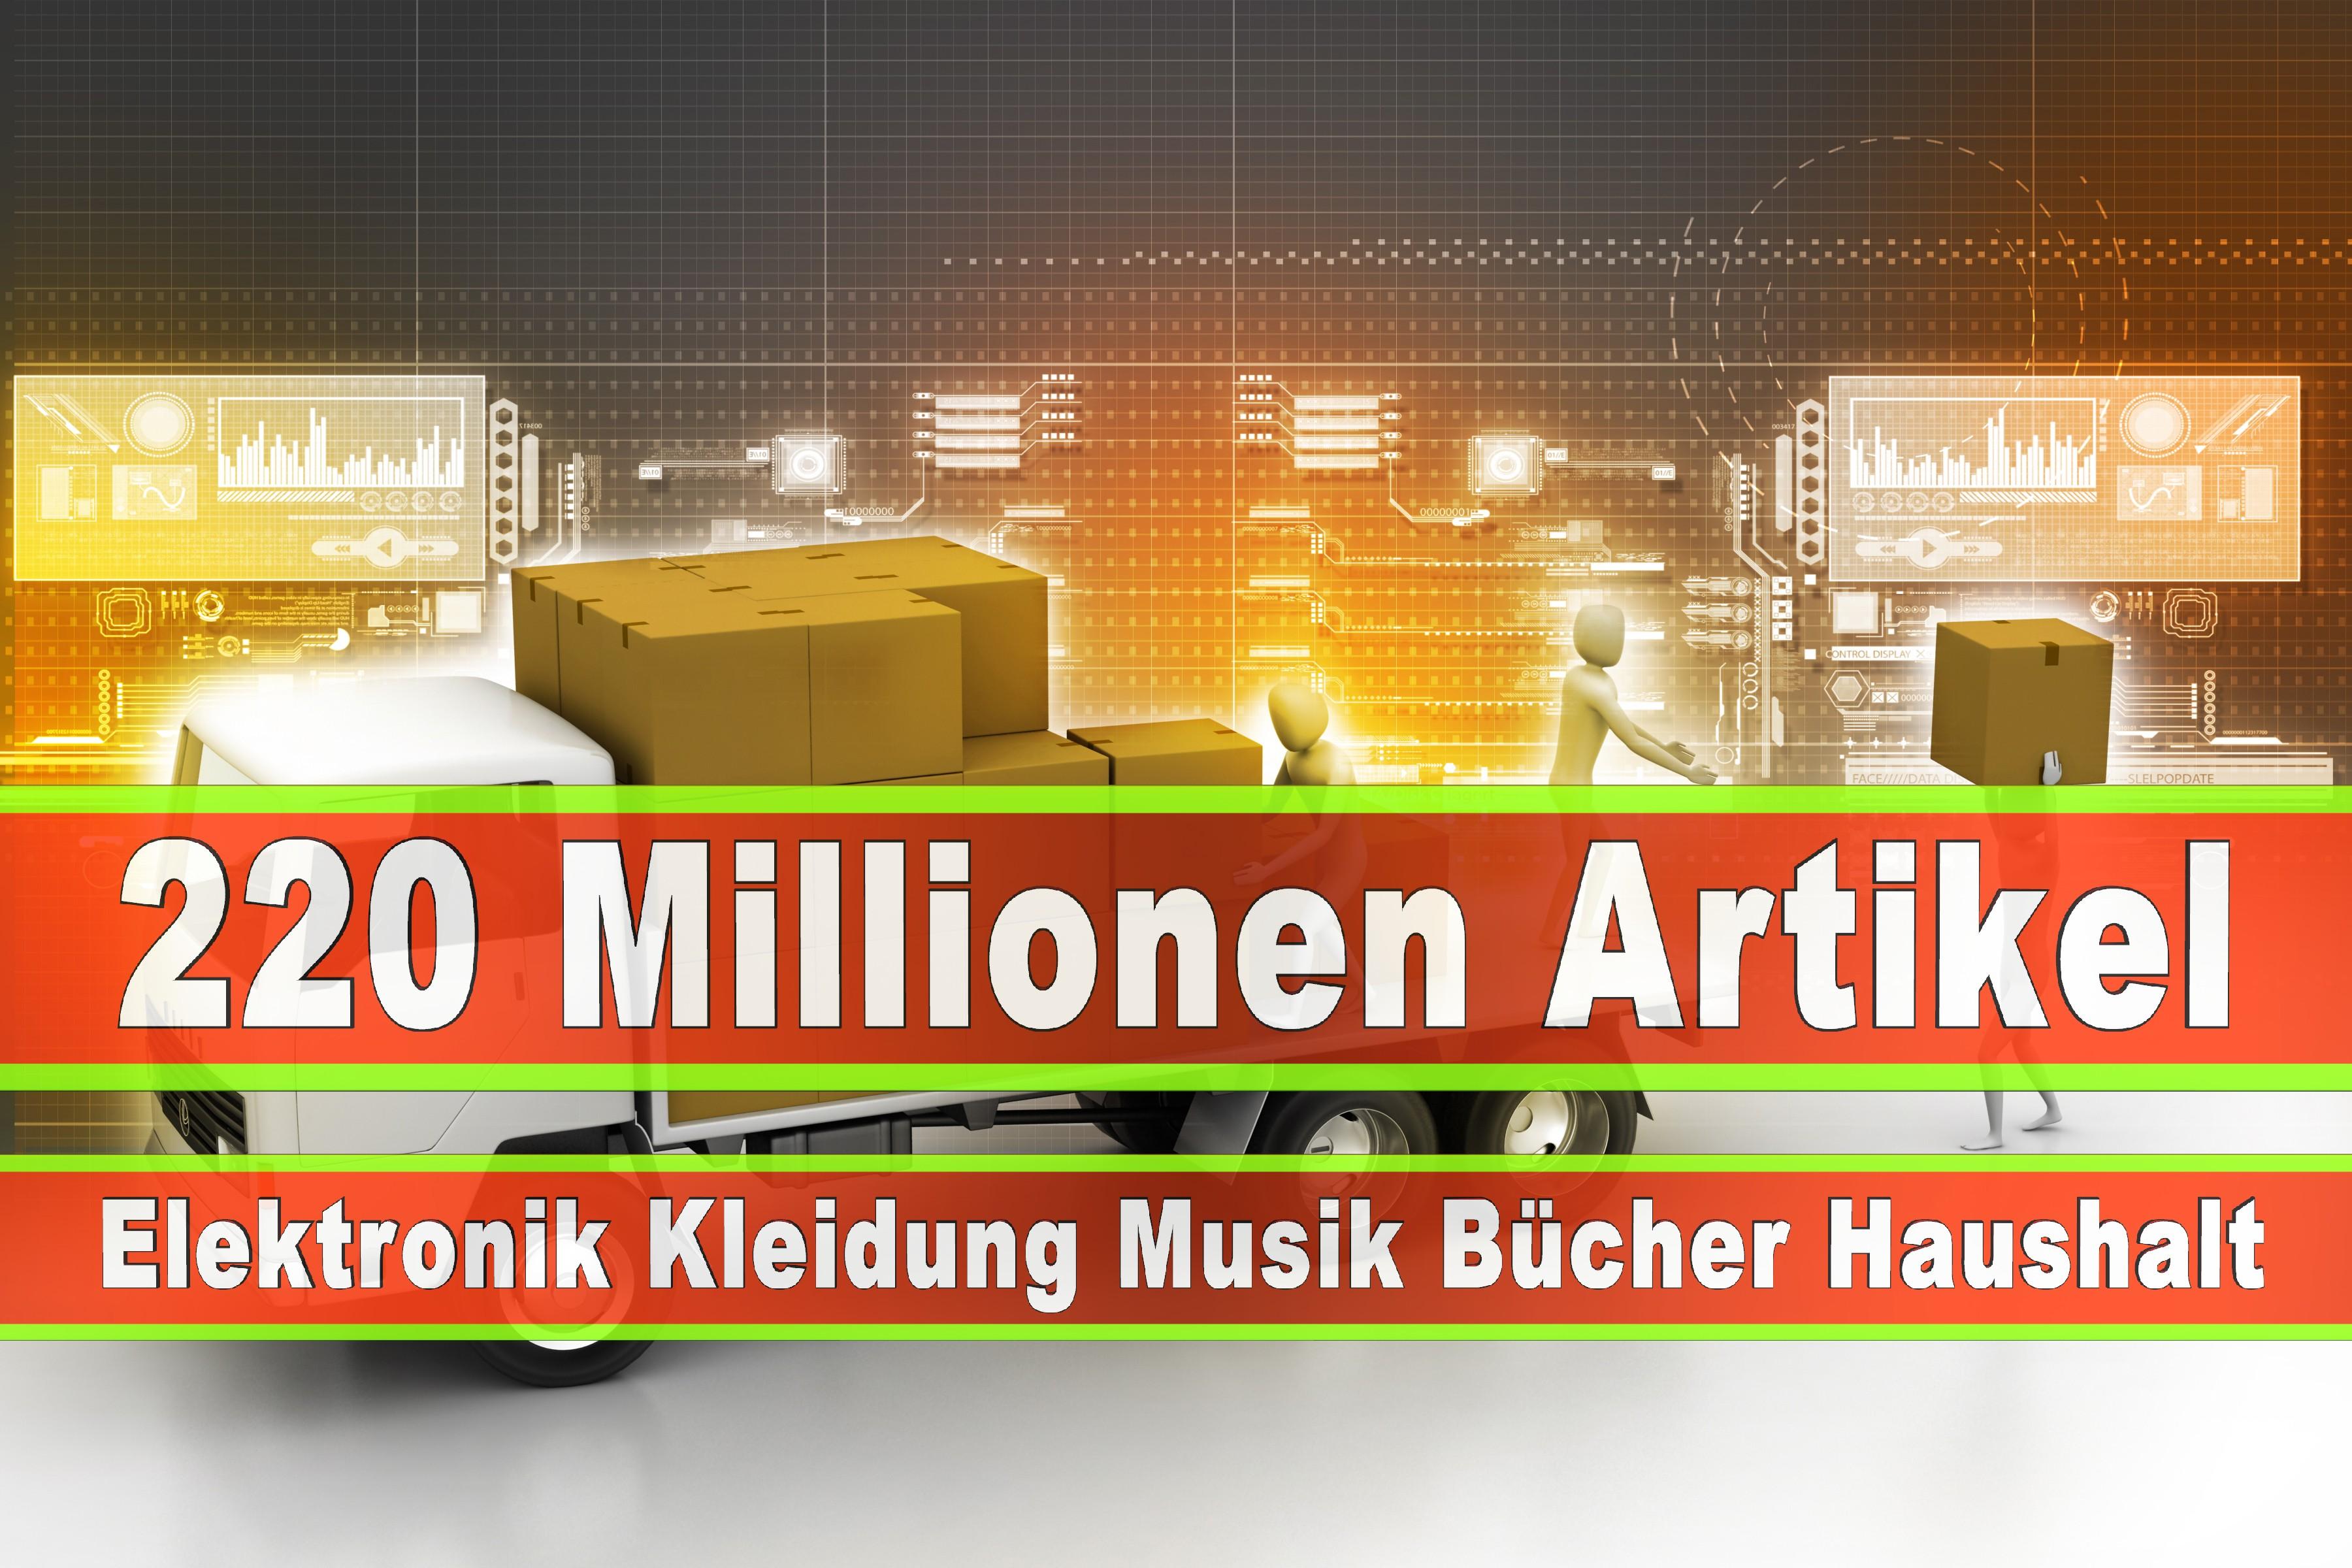 Amazon Elektronik Musik Haushalt Bücher CD DVD Handys Smartphones TV Television Fernseher Kleidung Mode Ebay (66)